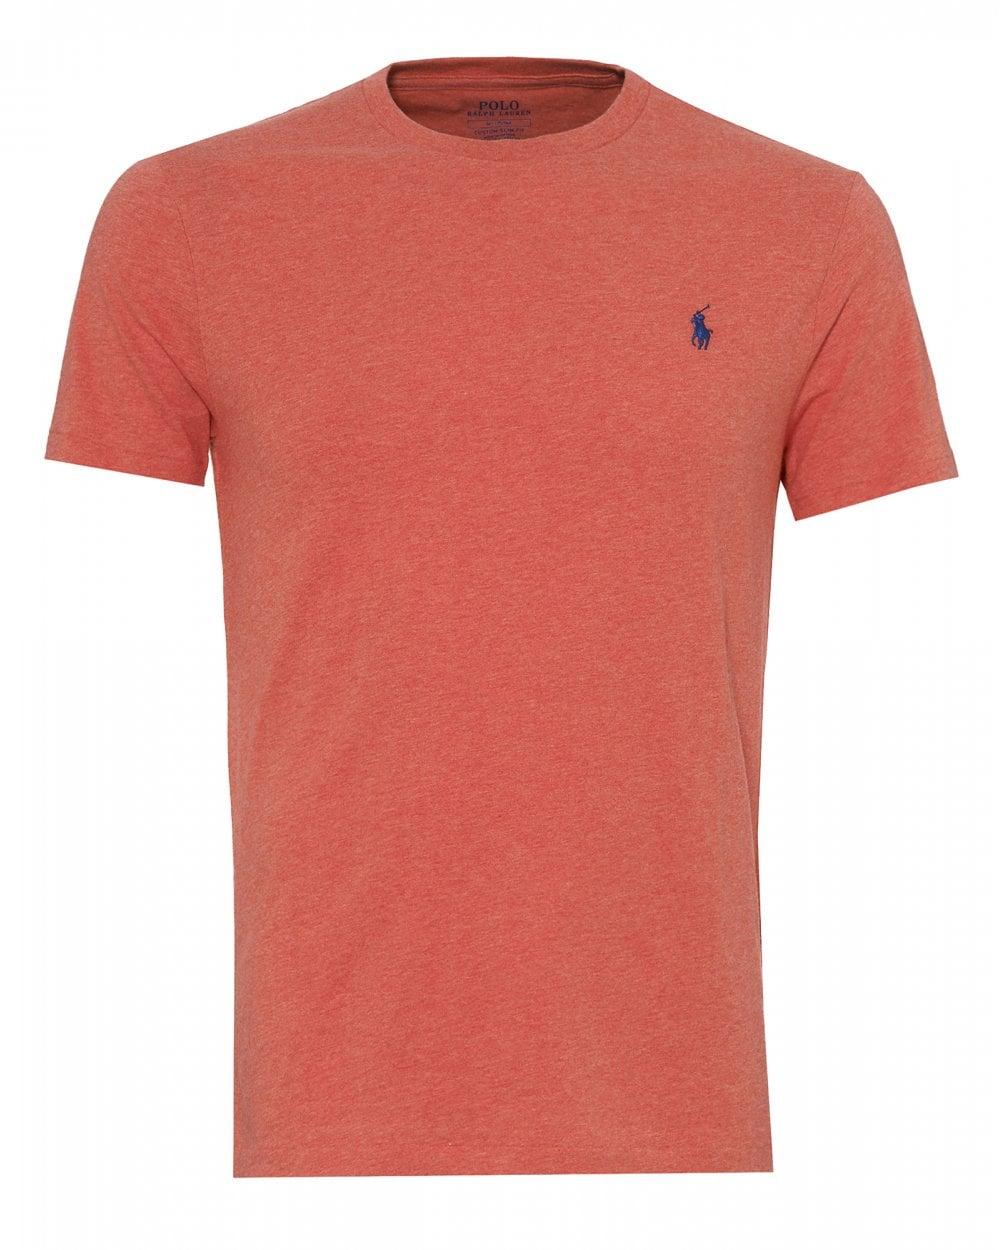 Ralph Lauren Mens Slim Fit T-Shirt, Highland Rose Pink Heather Tee 9a914a683fc2